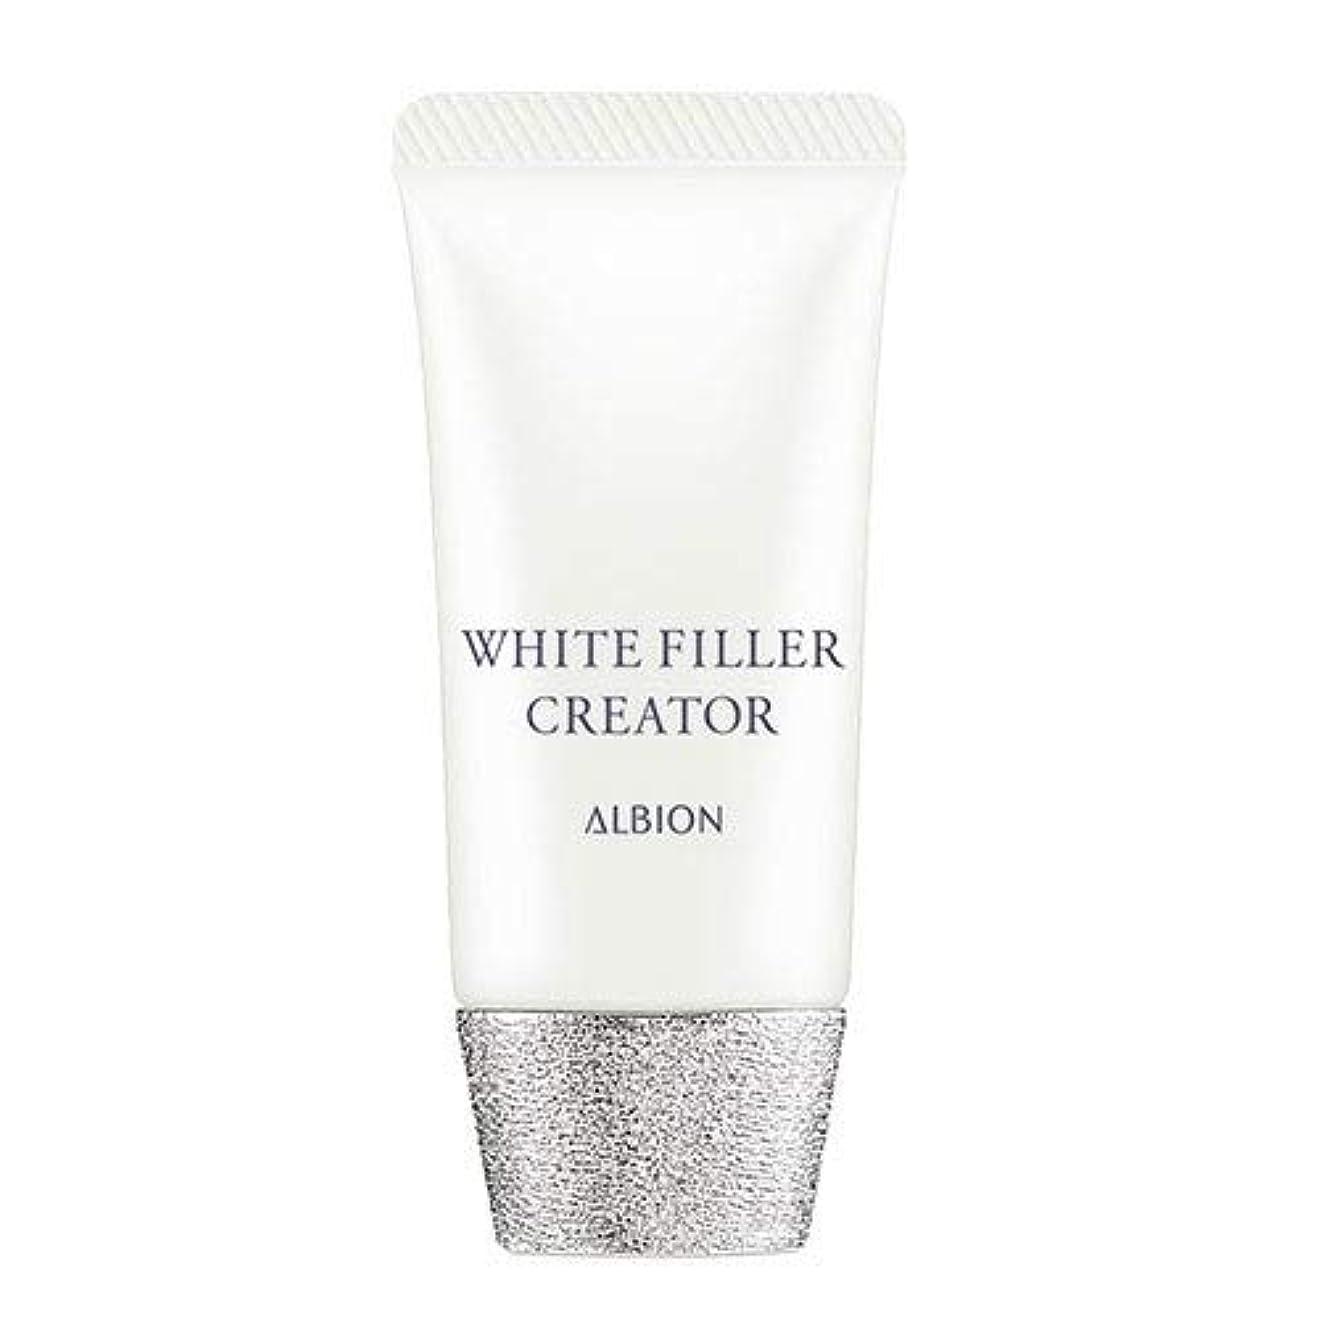 アルビオン ホワイトフィラー クリエイター SPF35?PA+++ 30g -ALBION-